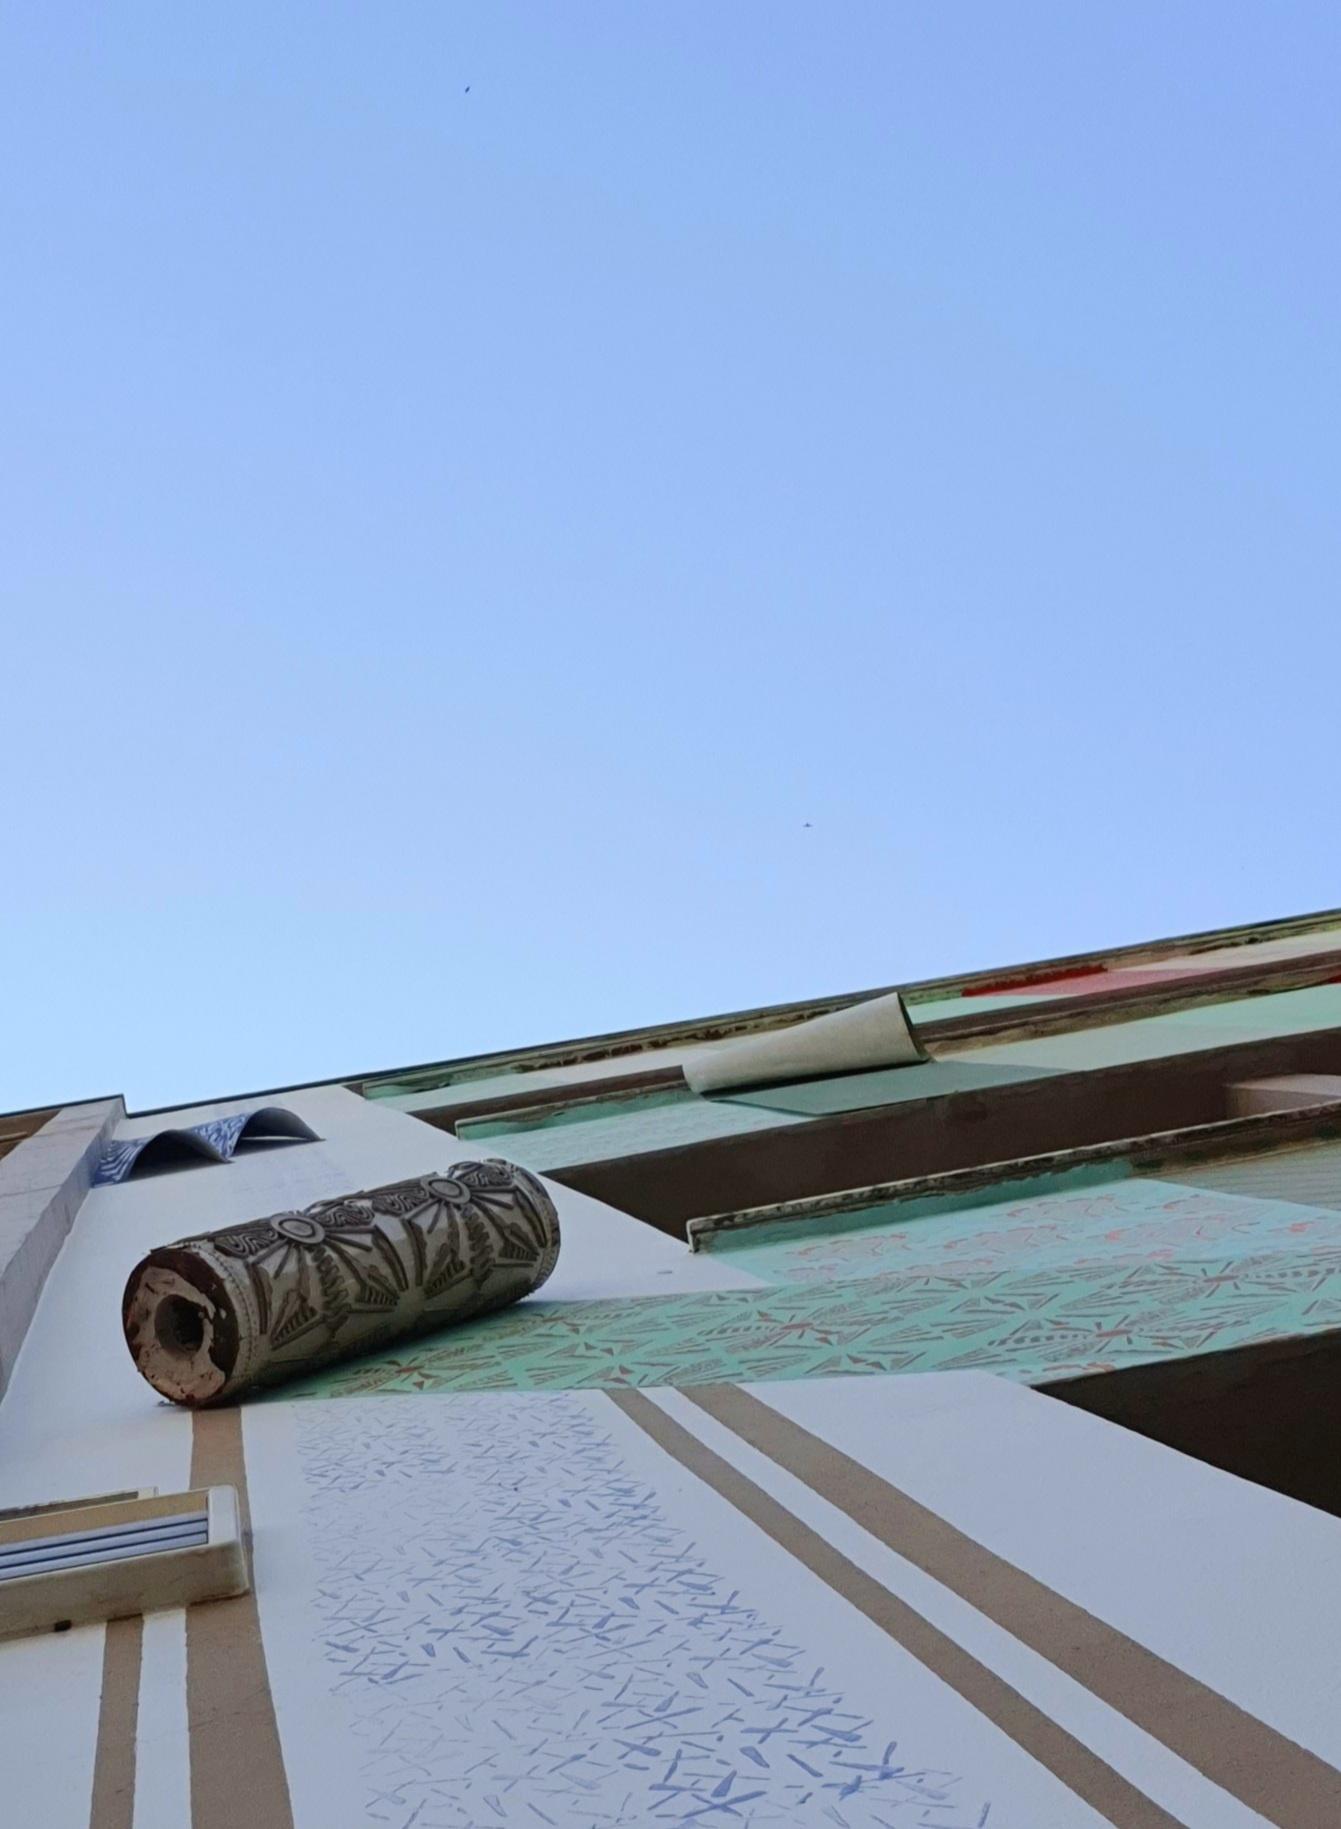 Einbeck, Häuserfassade von Blaudrucktechnik inspiriert